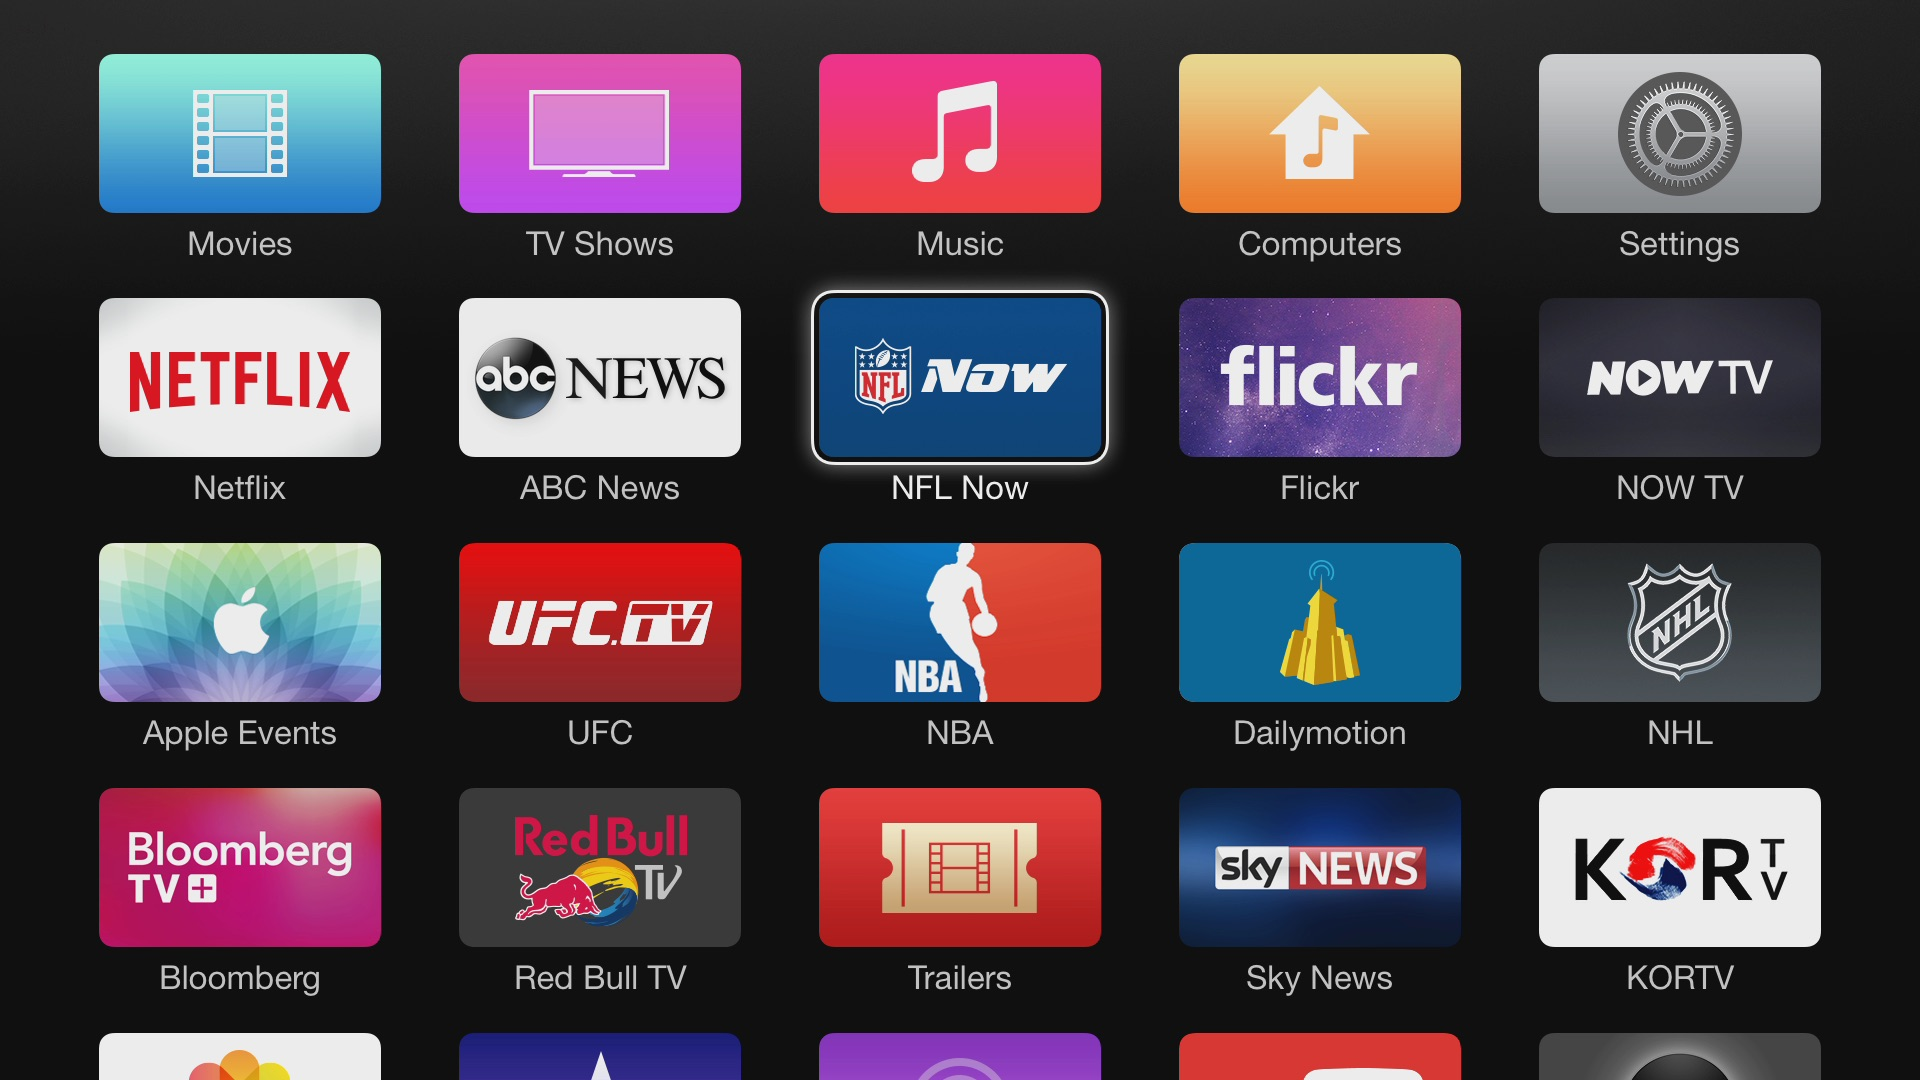 ВИДЕО: Распаковка и обзор Apple TV 4